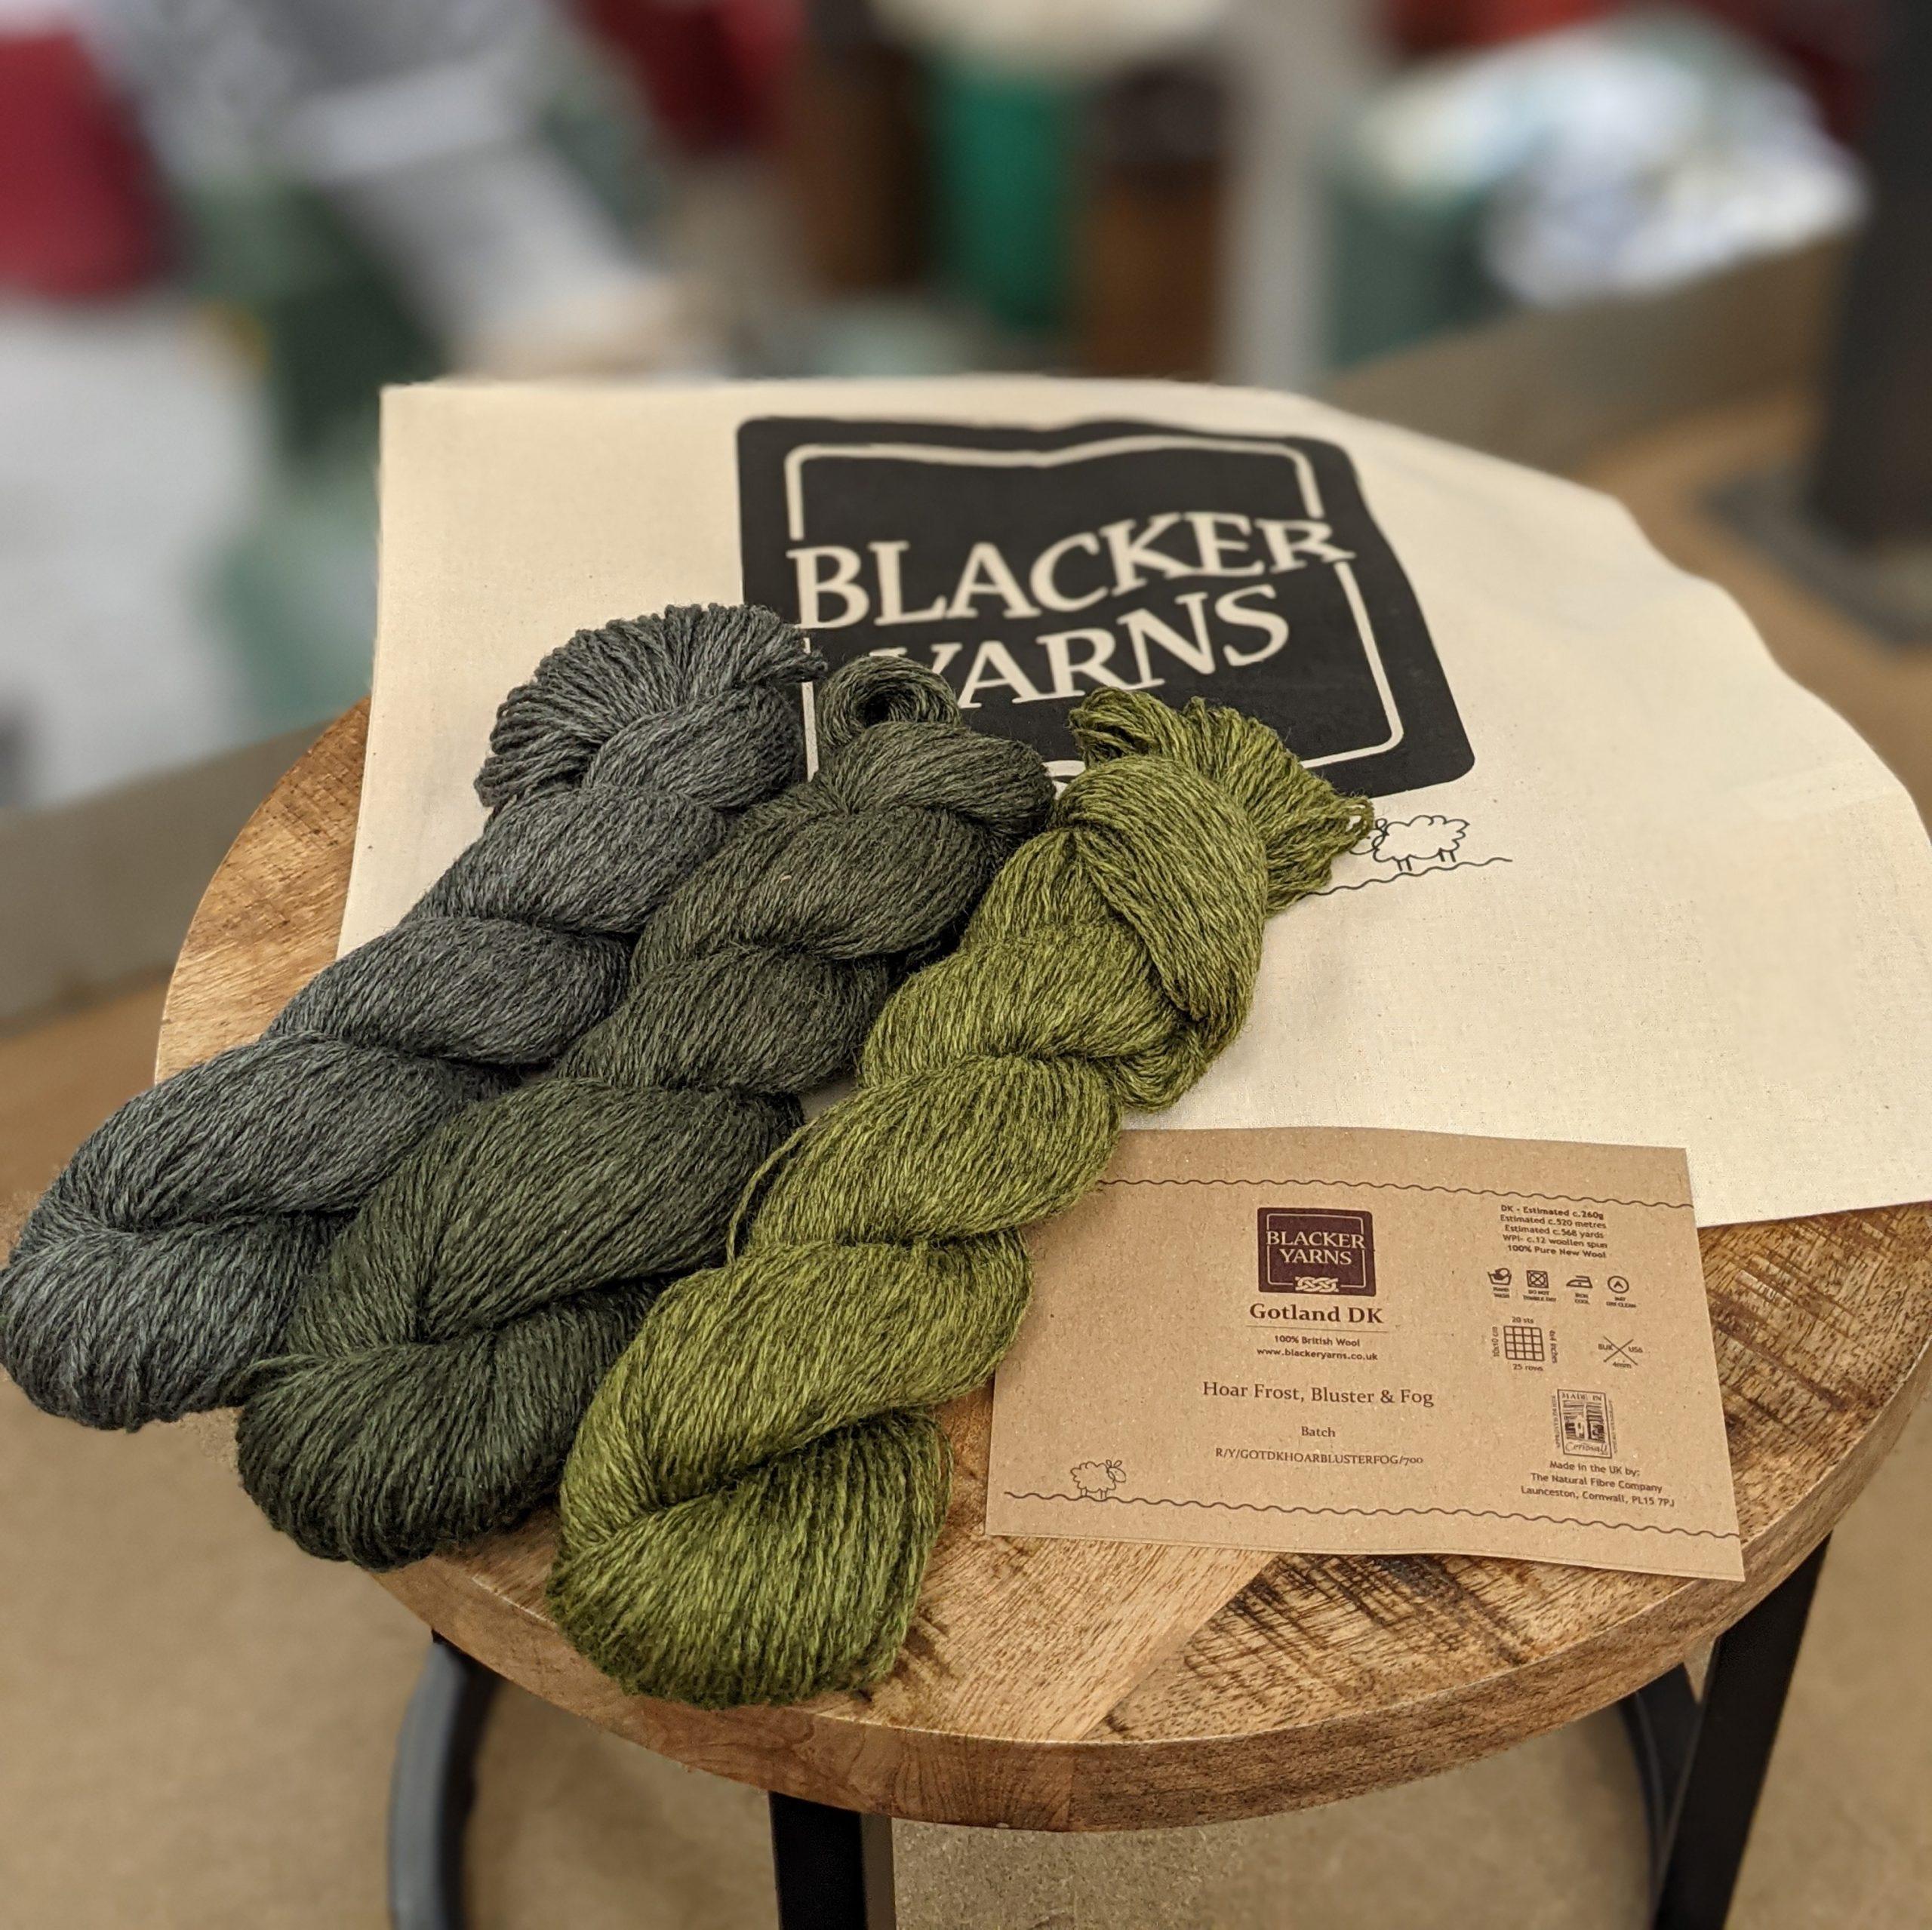 HF B F scaled - Blacker Yarns